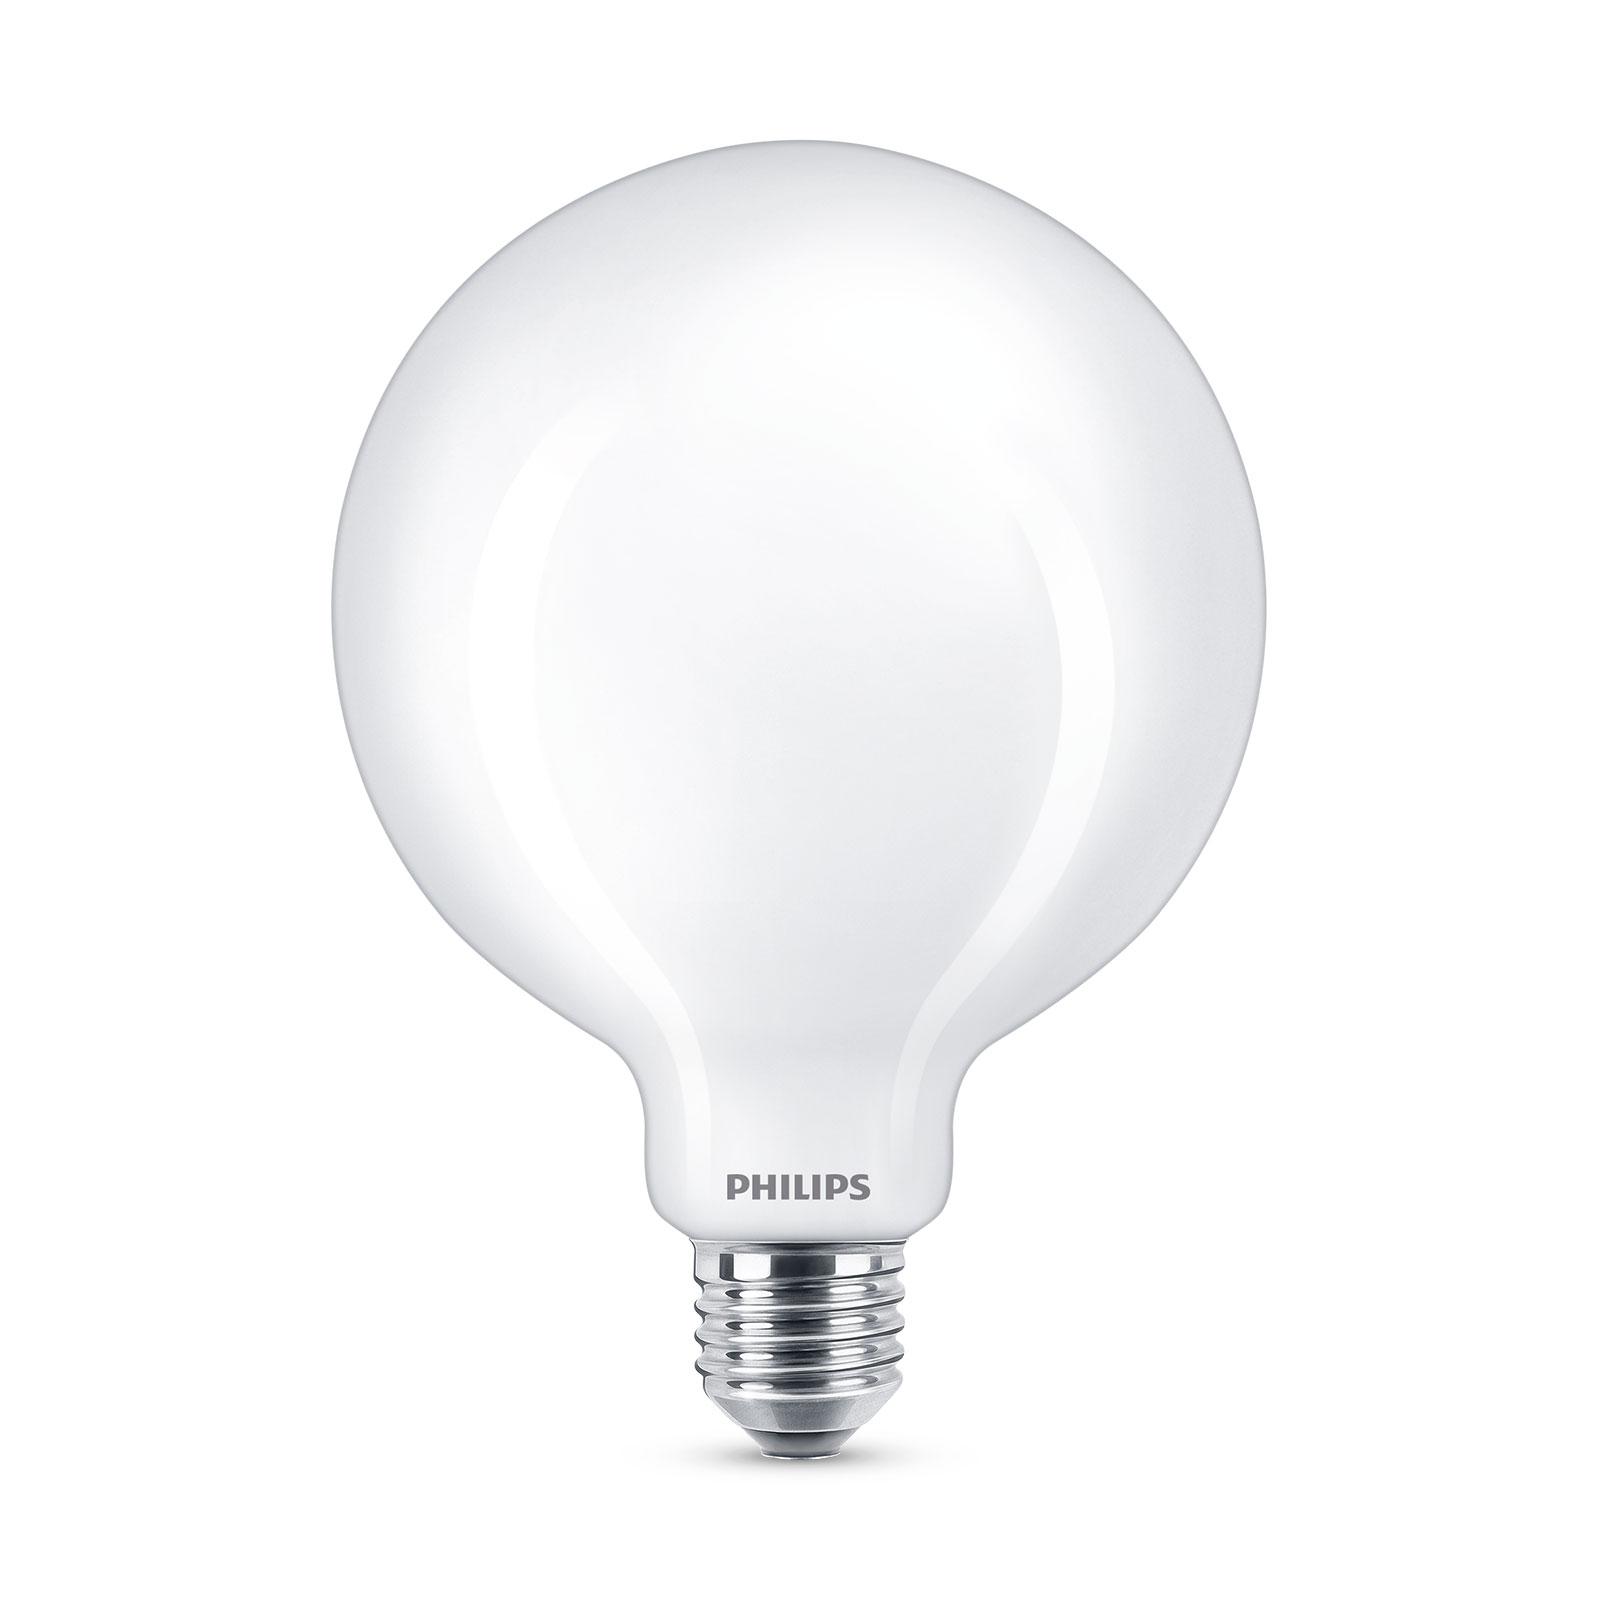 Philips Classic żarówka LED E27 G120 7W 4000K